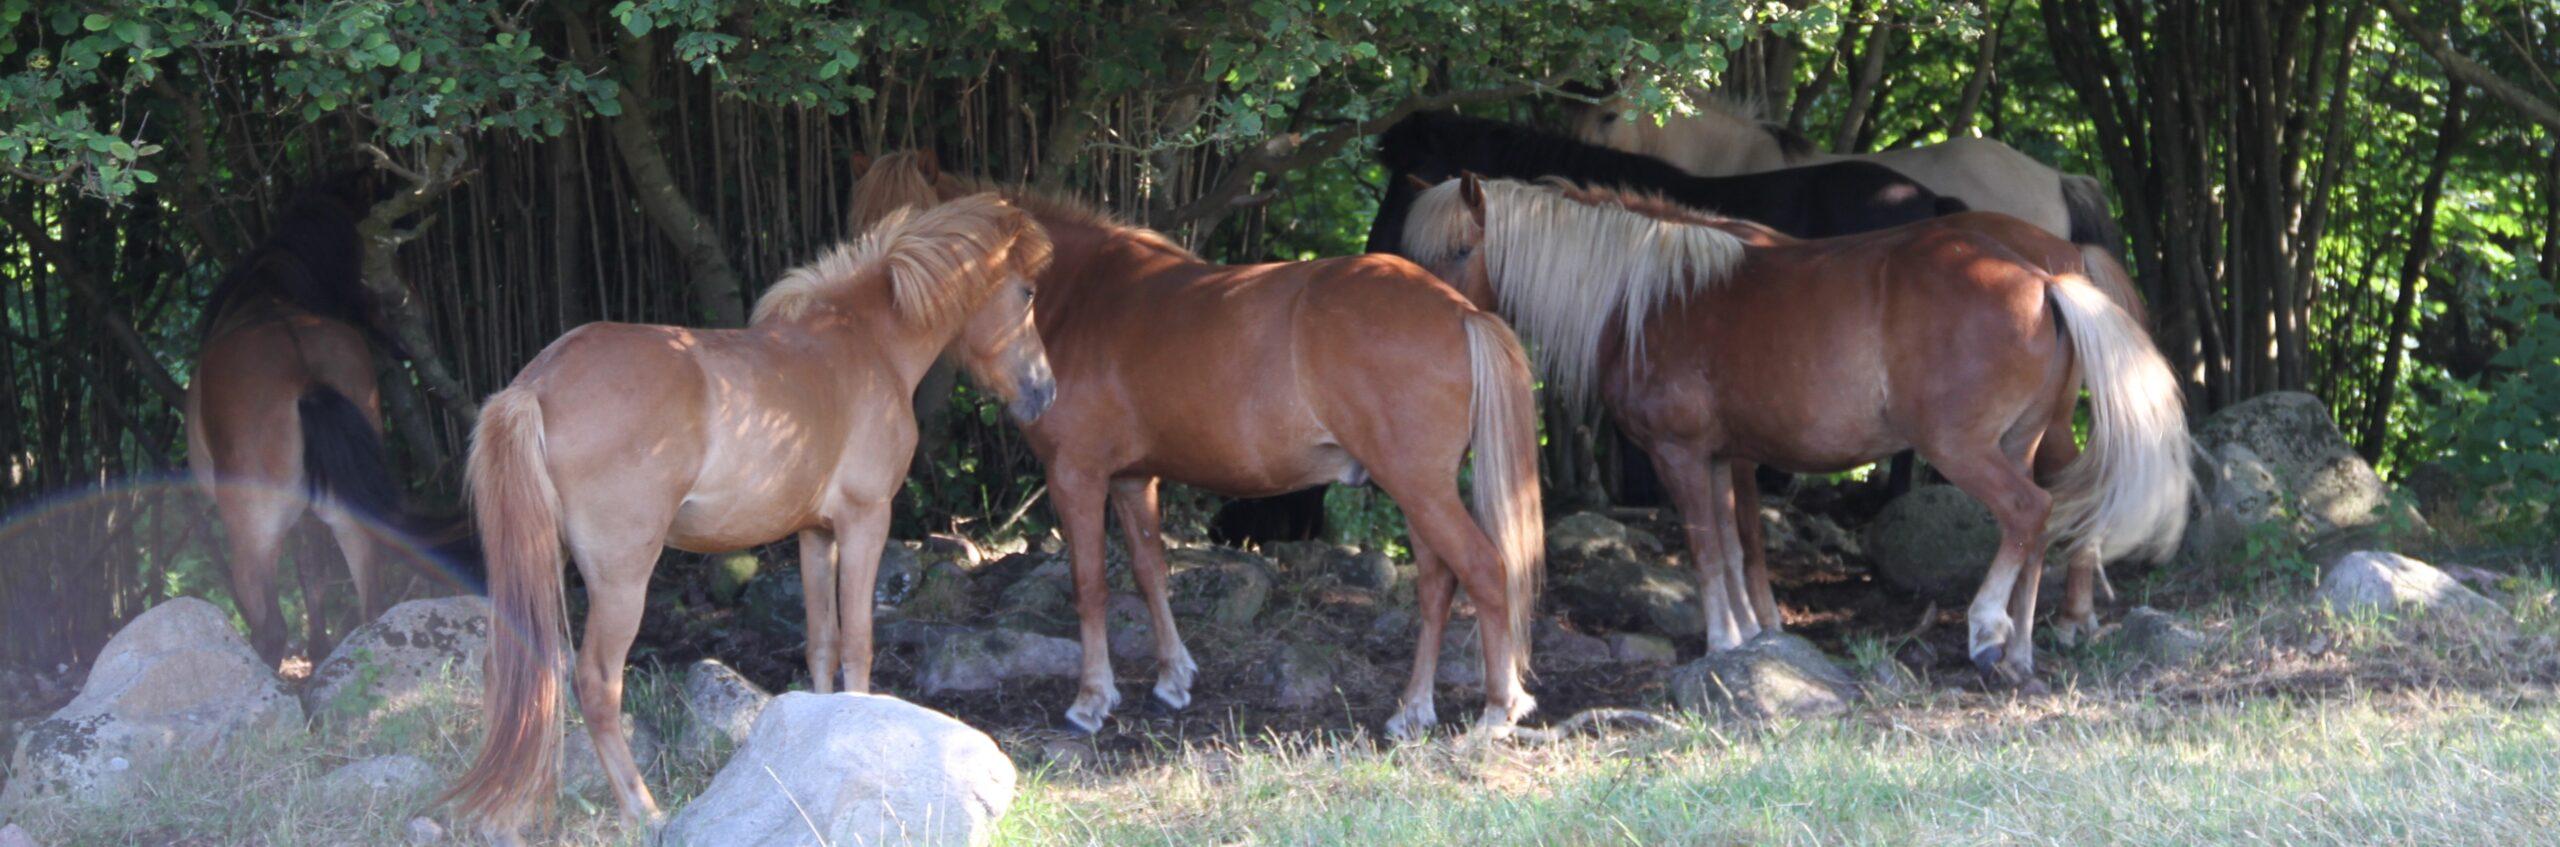 Heste der benyttes tillidsøvelser, sidebevægelser, longering, håndhesteridning og horsemanship